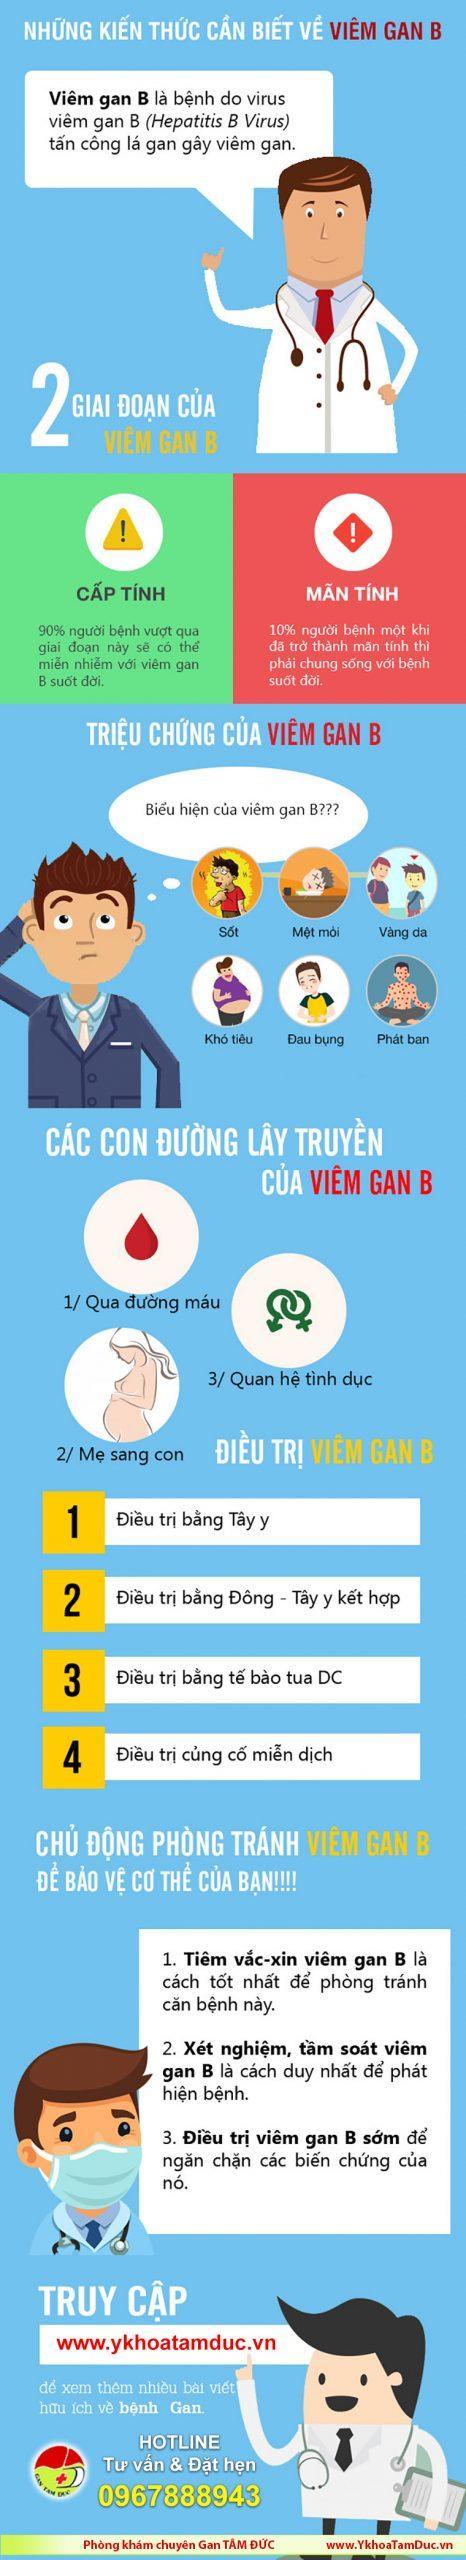 infographic bệnh viêm gan b infographics bệnh gan [Infographic] Tất tần tật những điều cần biết về bệnh viêm gan B infographic benh gan viem gan b scaled